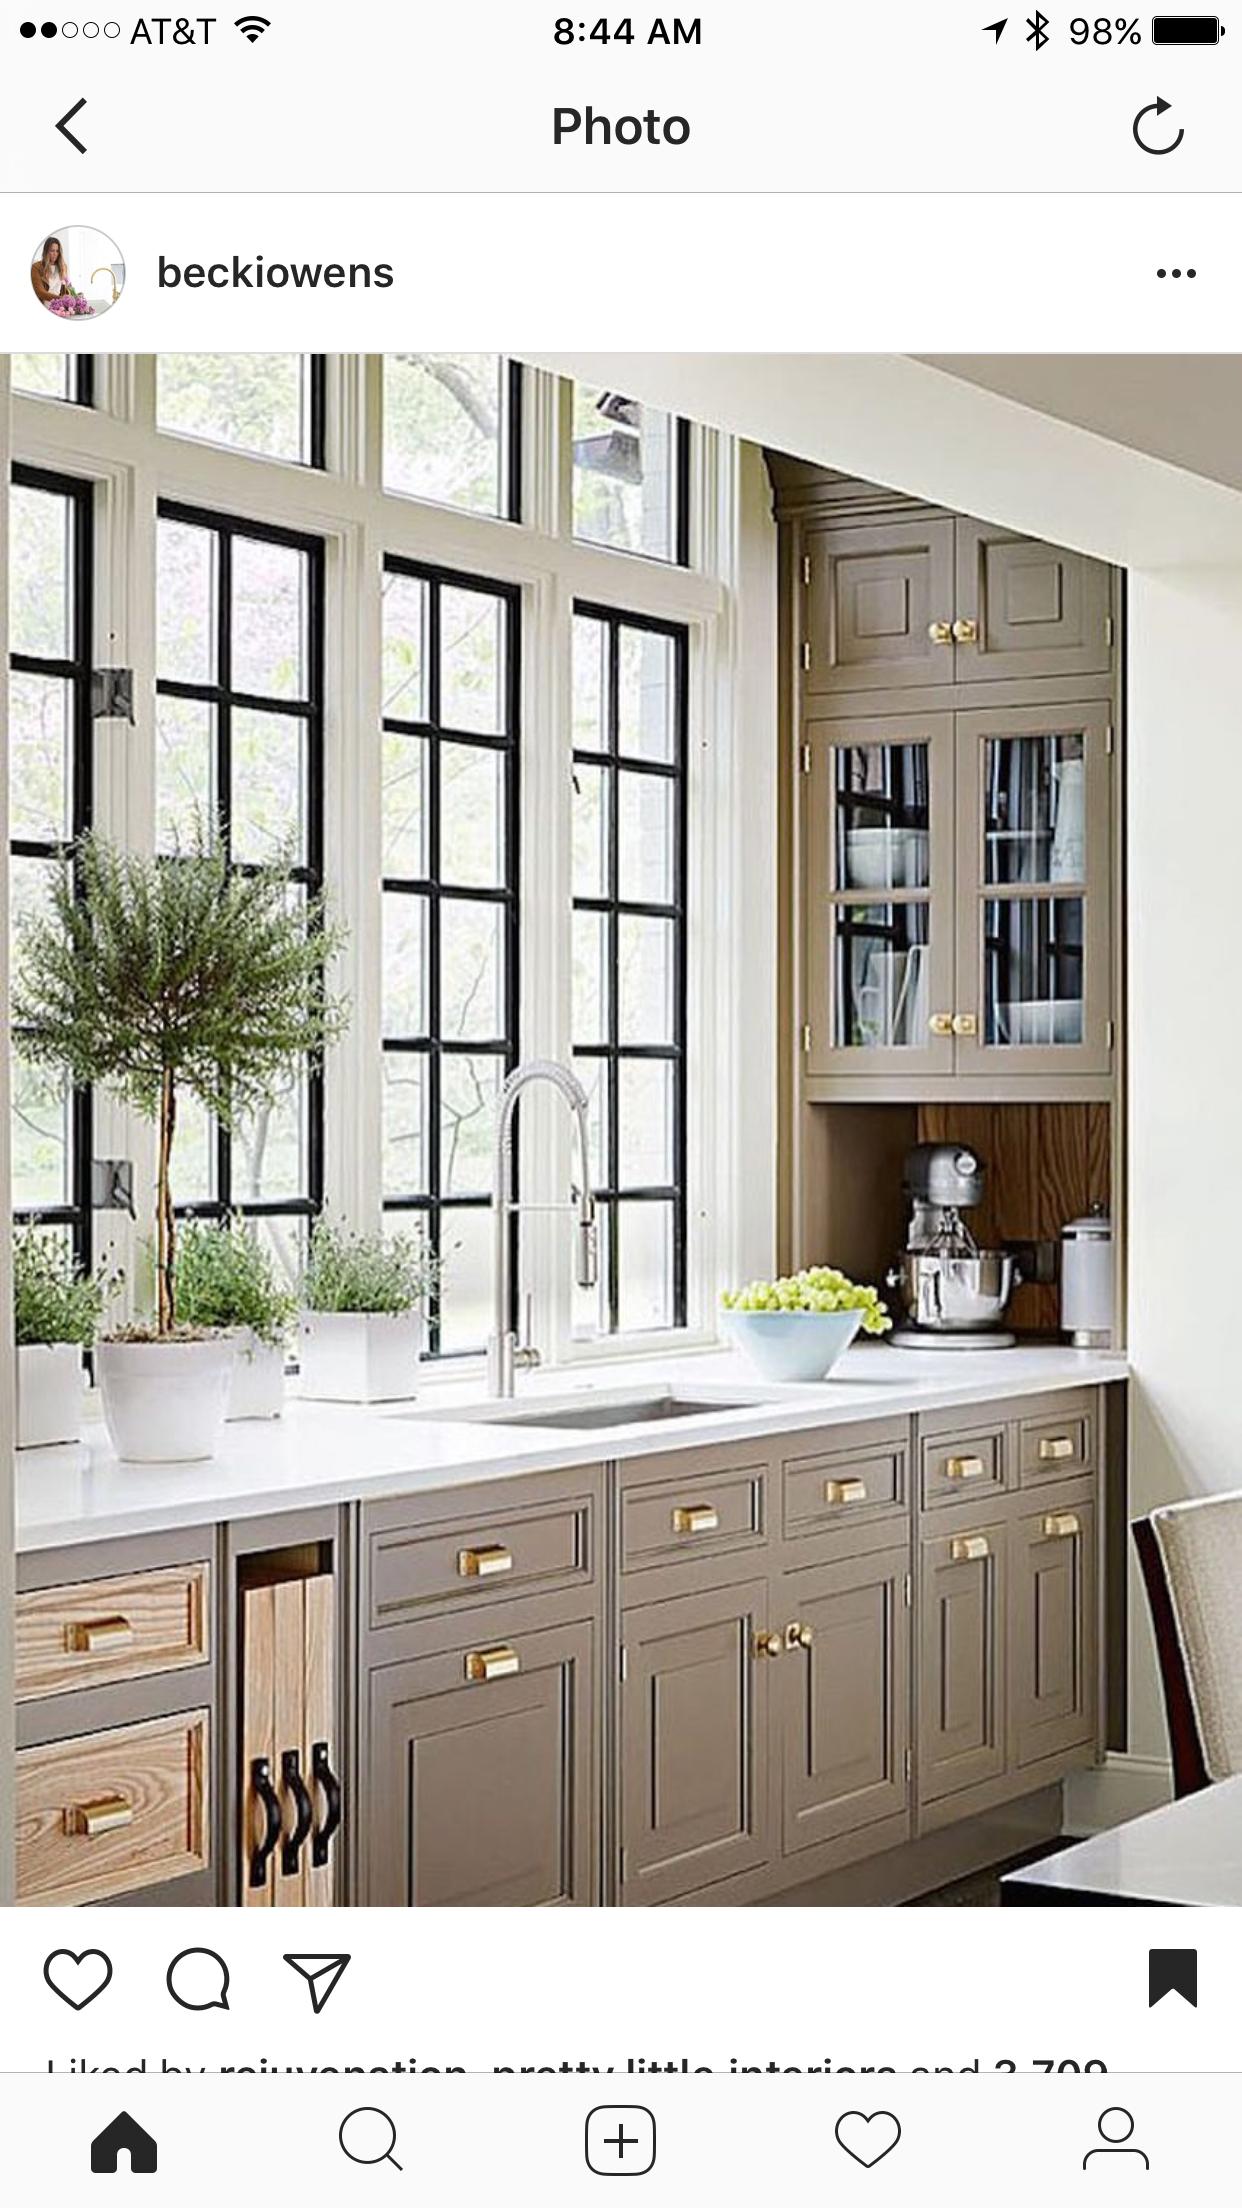 Interior window frames - Love The Dark Window Frames And White Trim